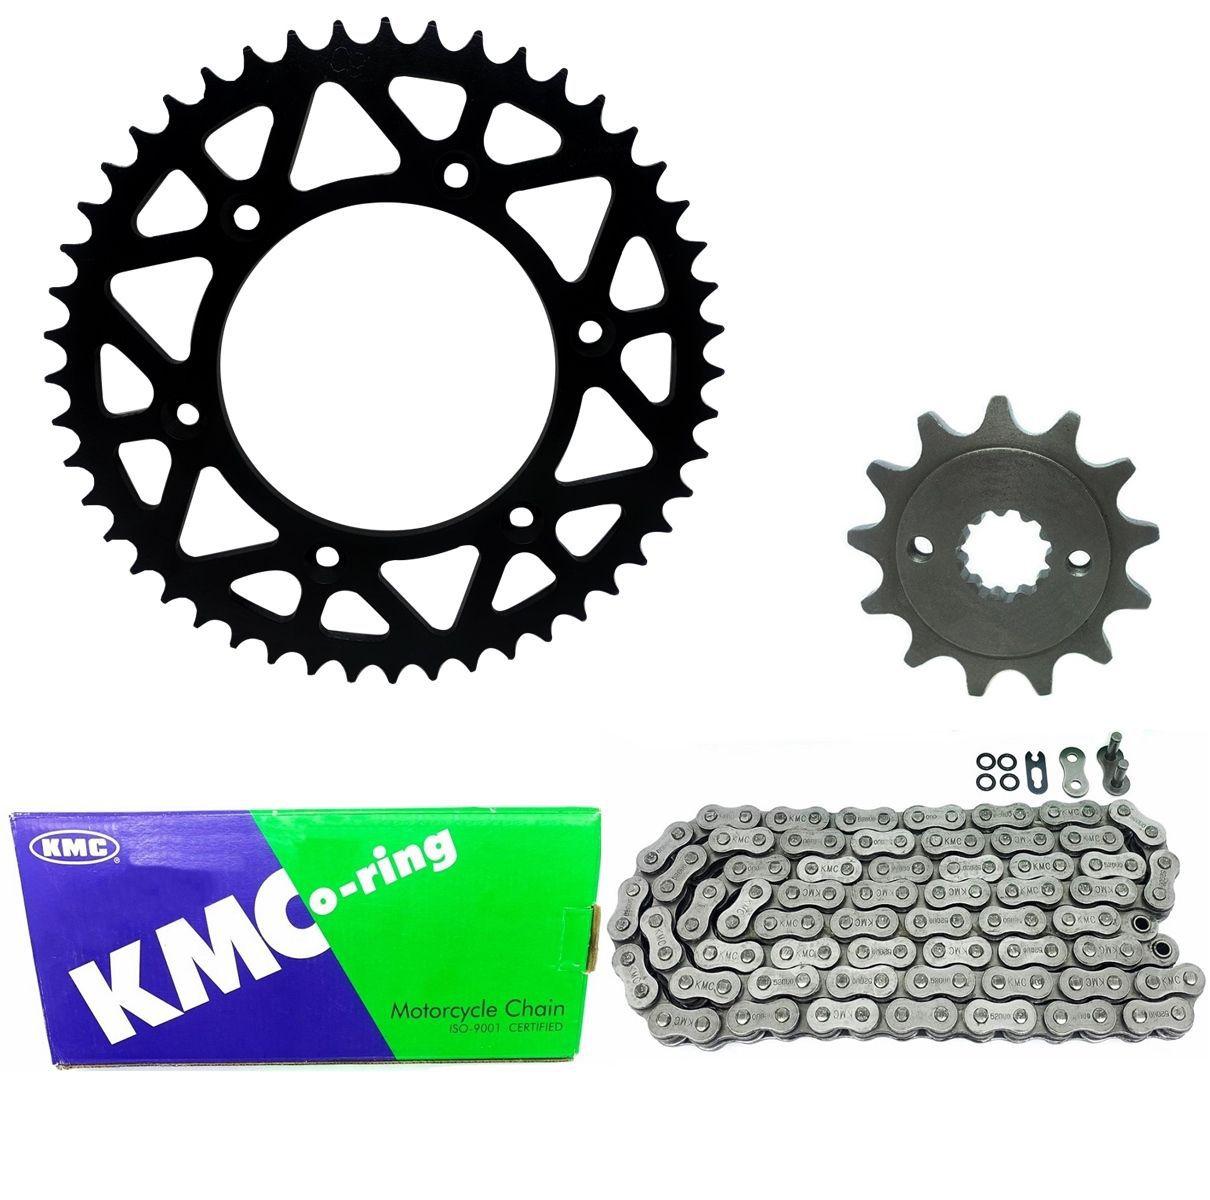 Kit Relação Corrente Kmc 520 116L Crf 450r Crf 450rx